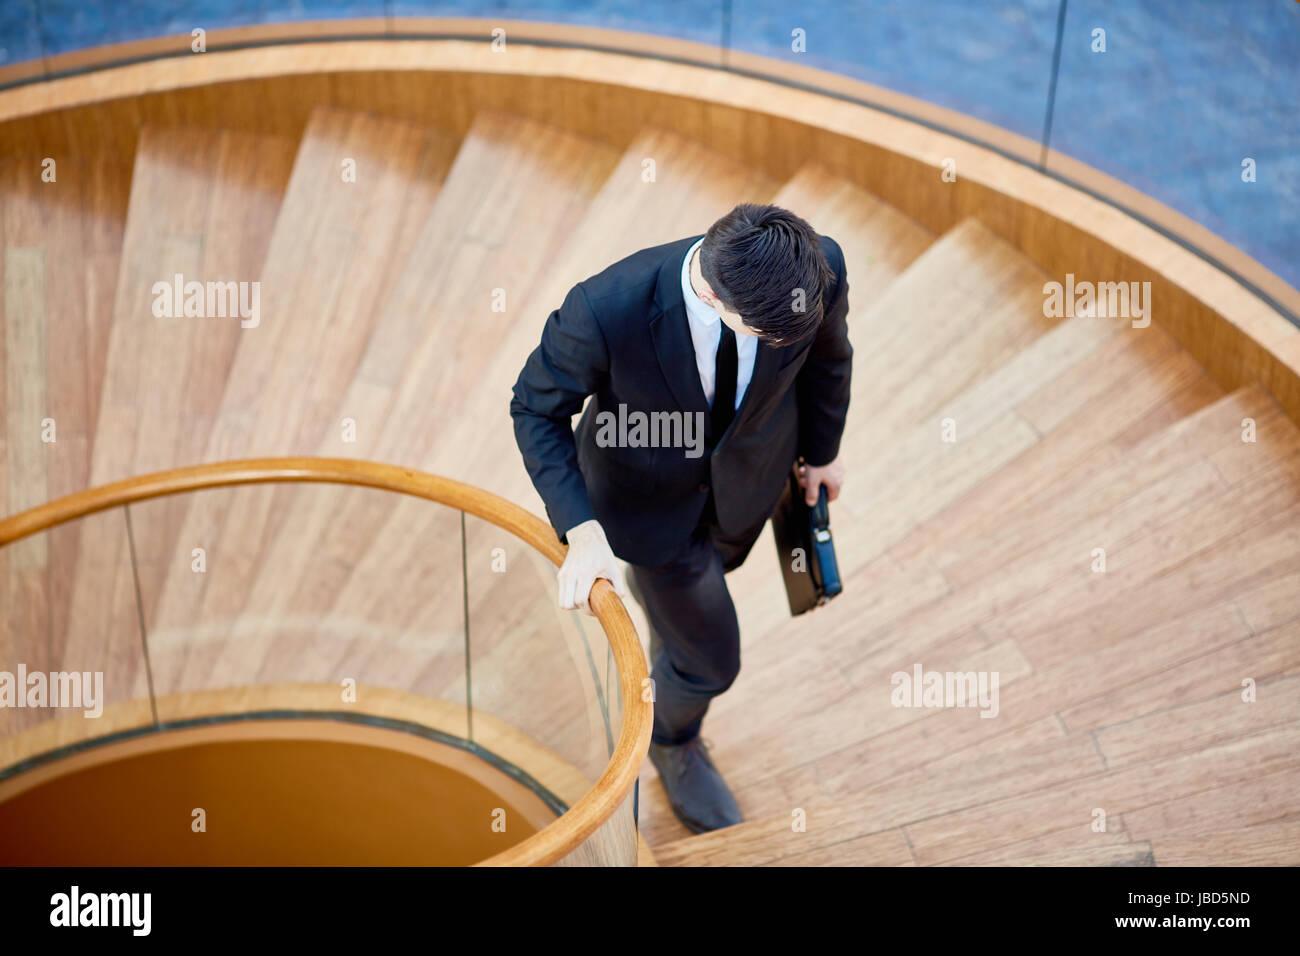 Joven corredor de bolsa con maletín moviendo hacia arriba en la escalera Imagen De Stock